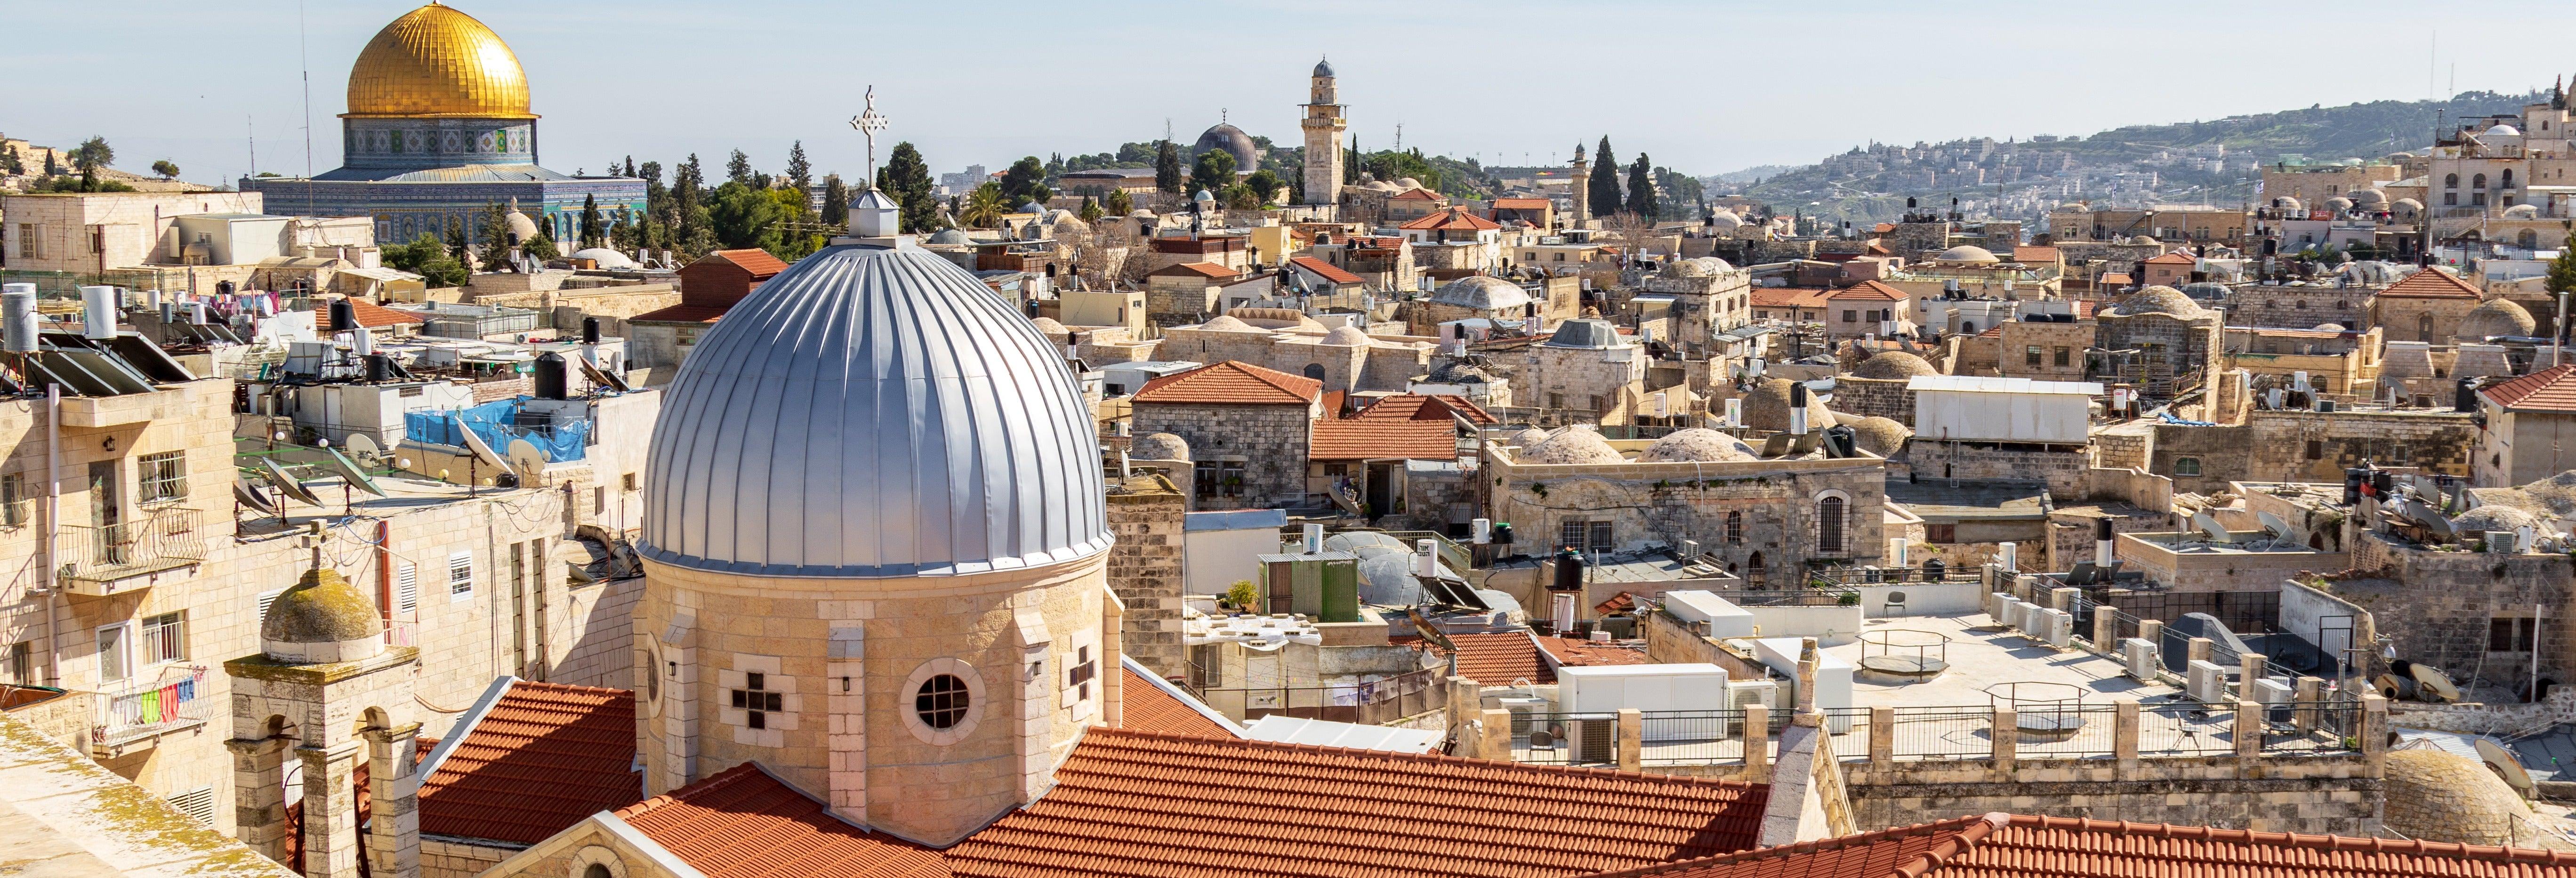 Visite guidée complète dans Jérusalem